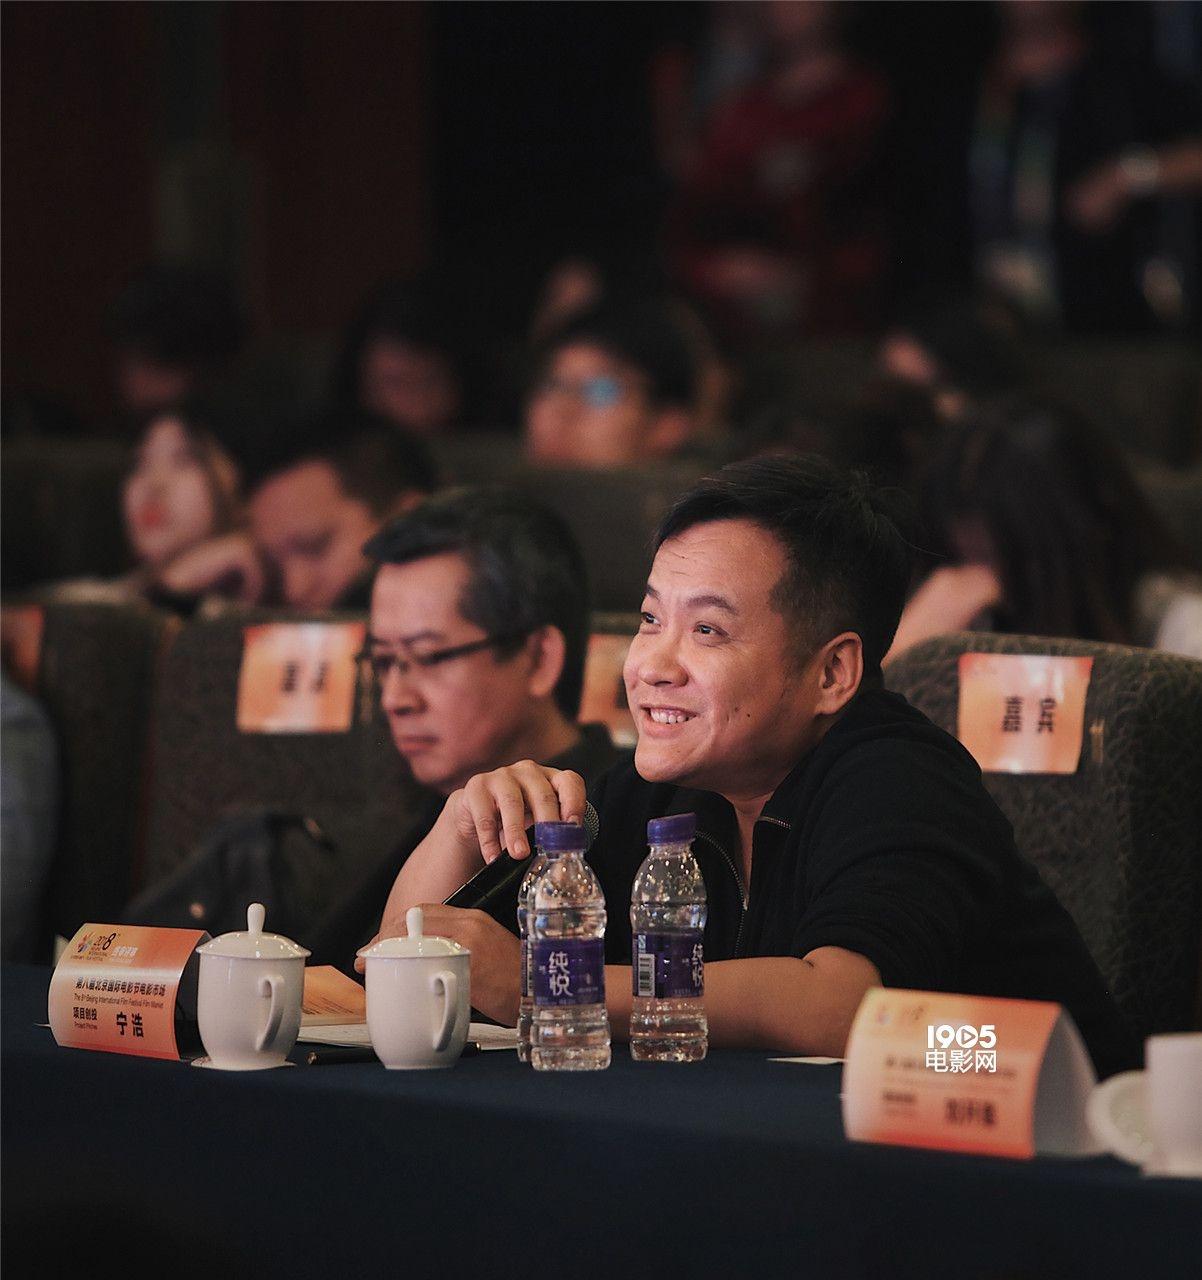 导演宁浩助力北影节创投单元 希望创作者多点耐心